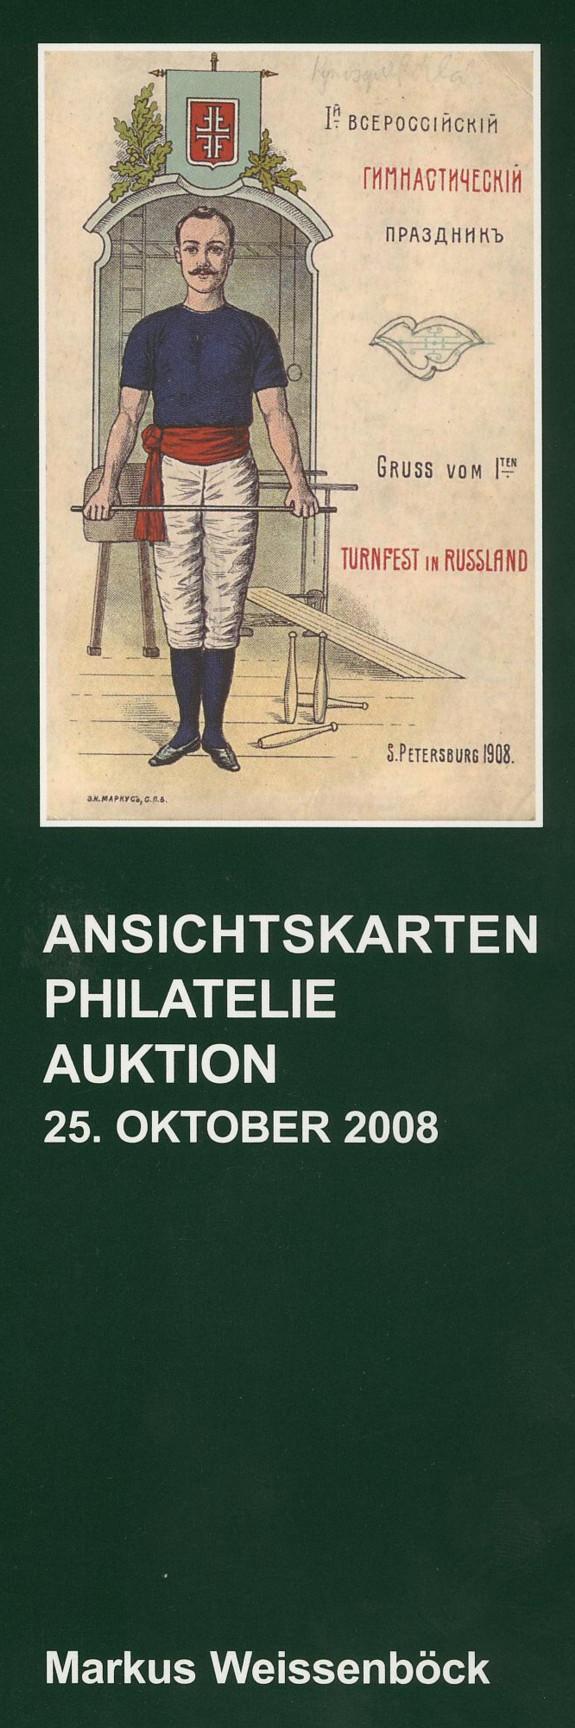 Auktionskataloge Weisse10